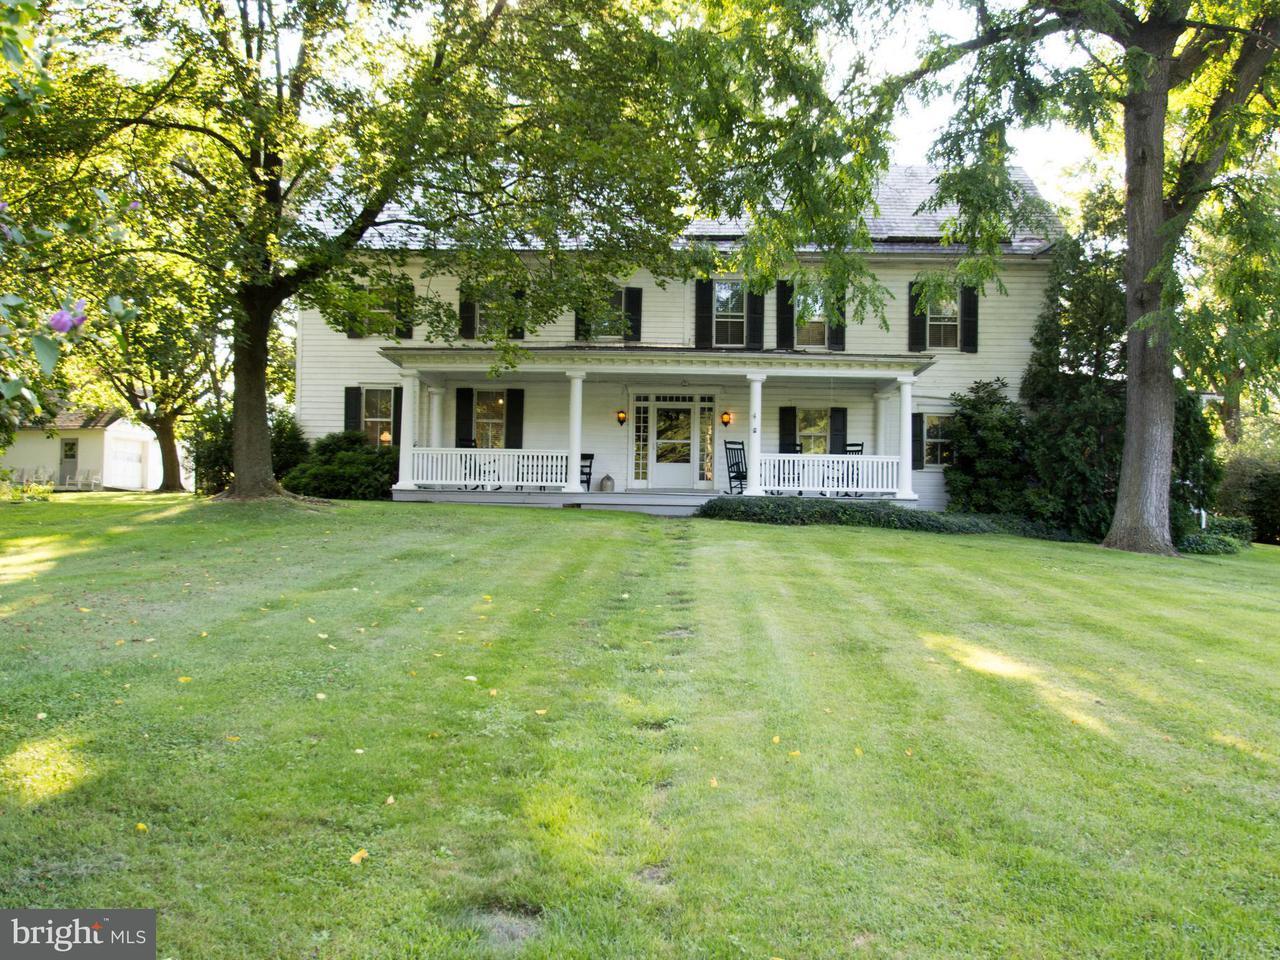 Farm / Hof für Verkauf beim 9389 Molly Pitcher Hwy N 9389 Molly Pitcher Hwy N Greencastle, Pennsylvanien 17225 Vereinigte Staaten